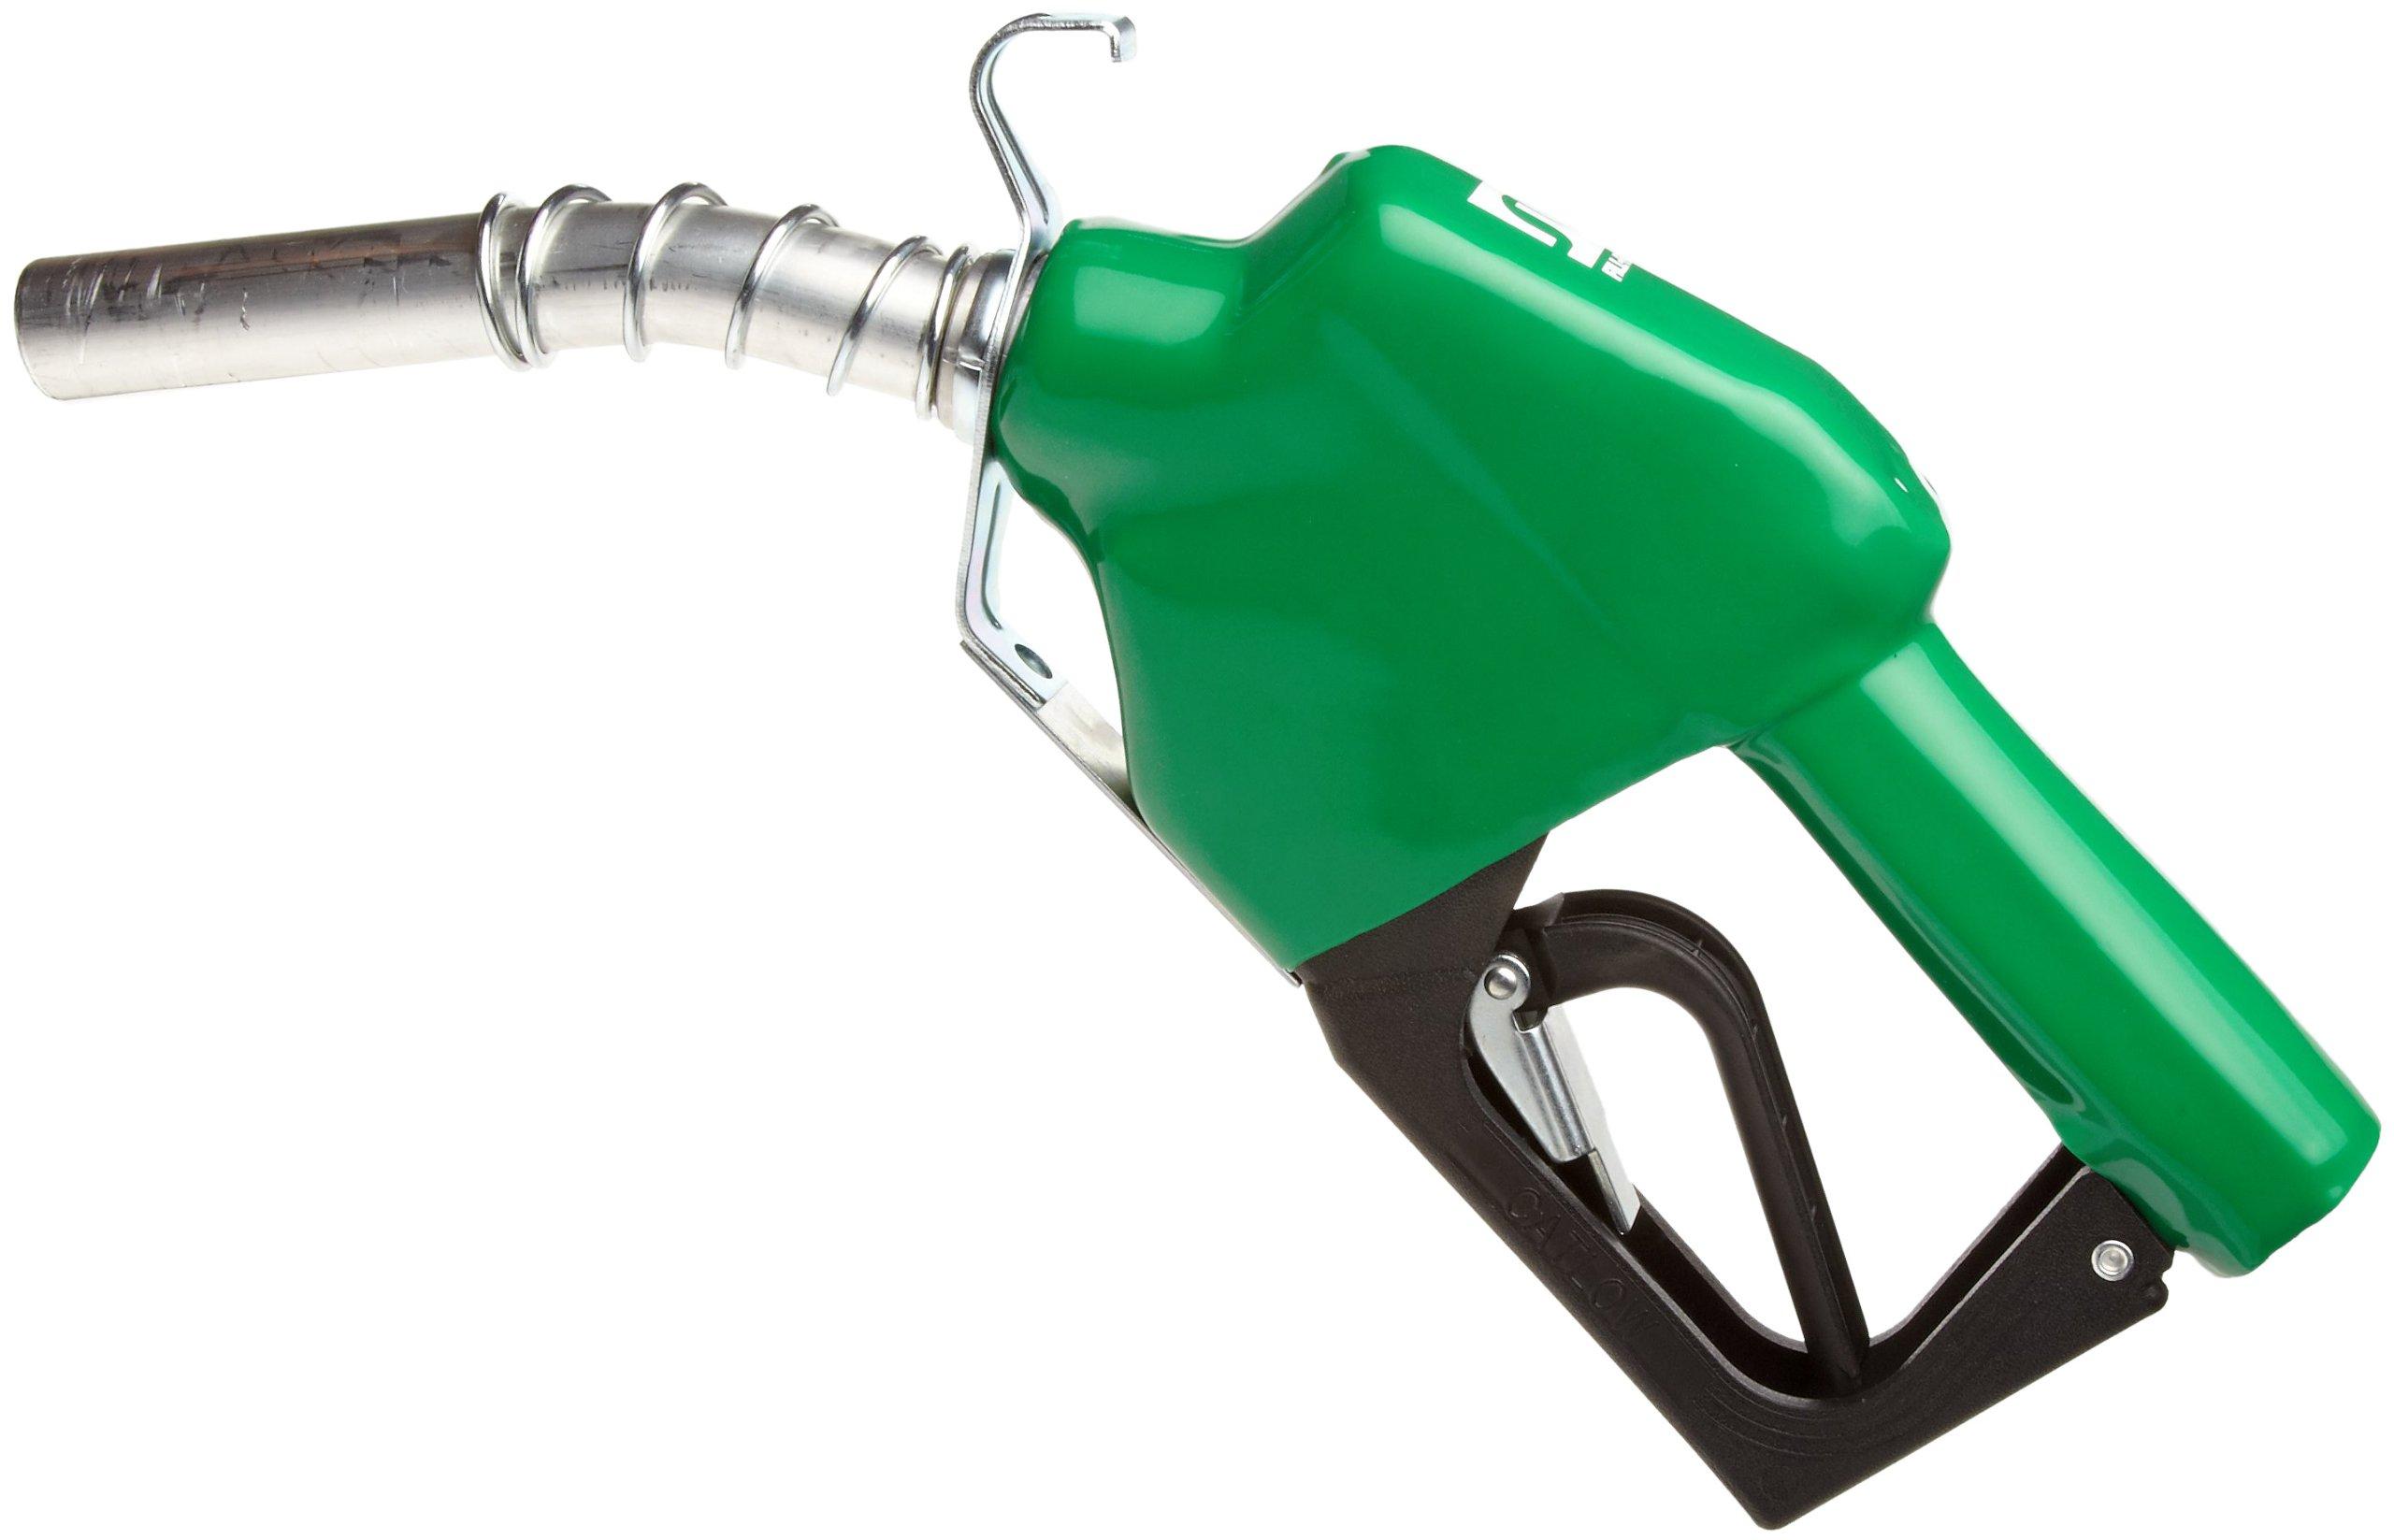 Fuel Pump Handle